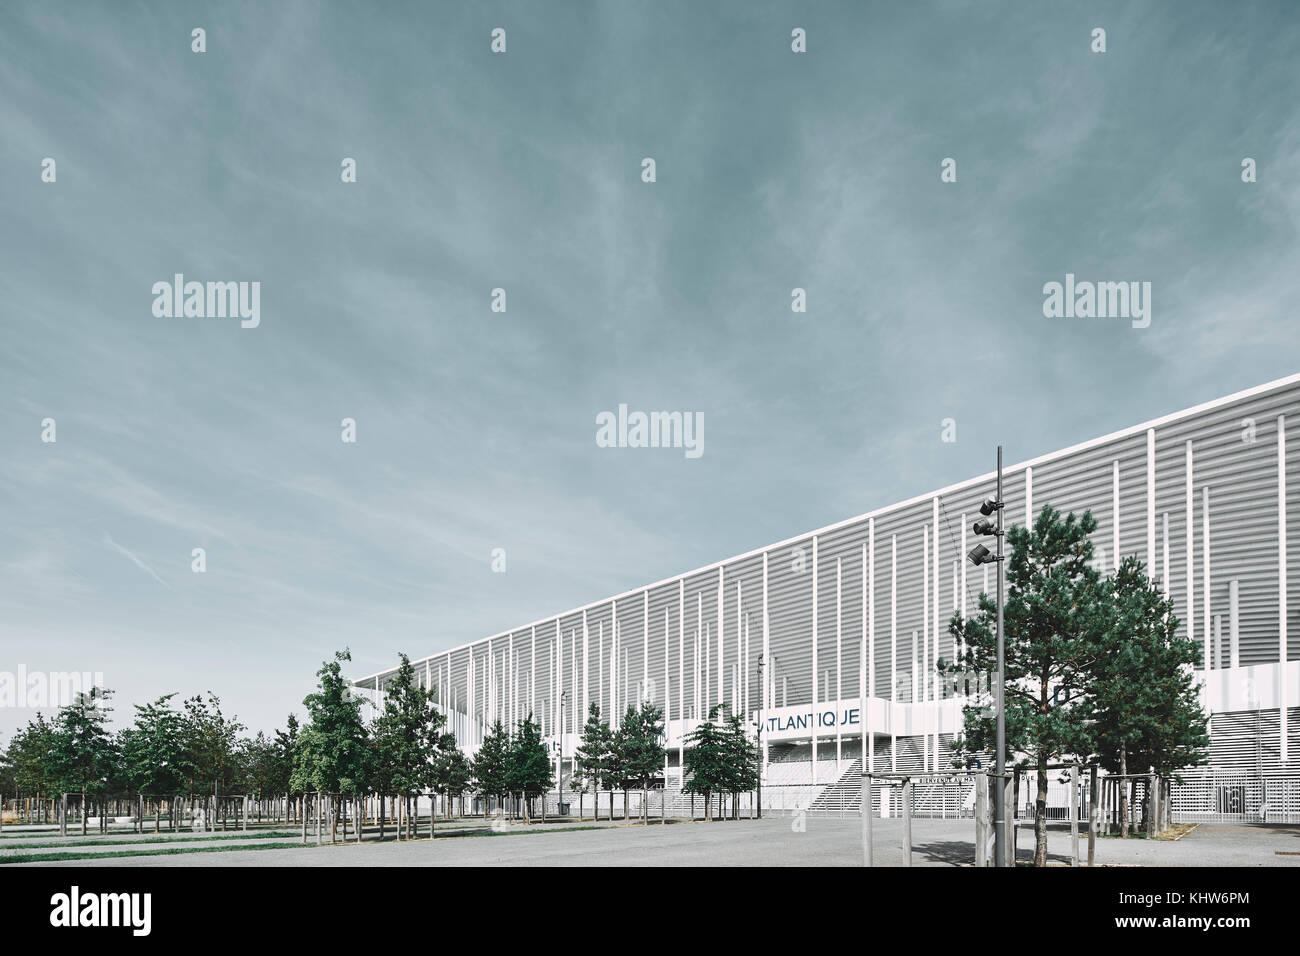 Ángulo de visión del nouveau stade de Burdeos, estadio de fútbol, Aquitaine, Francia Imagen De Stock